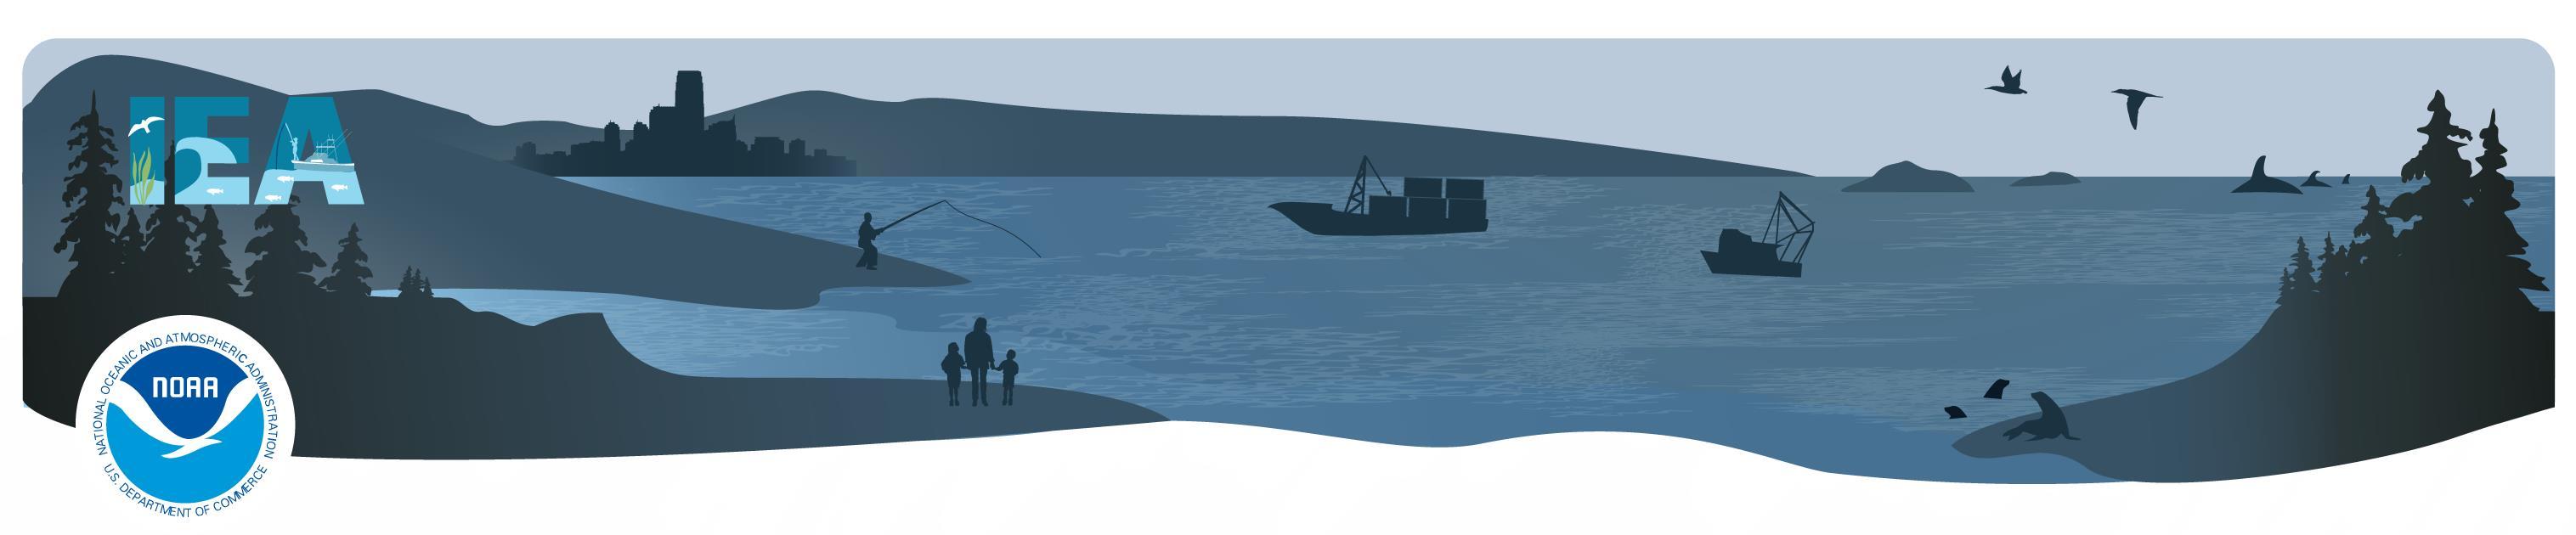 NOAA IEA